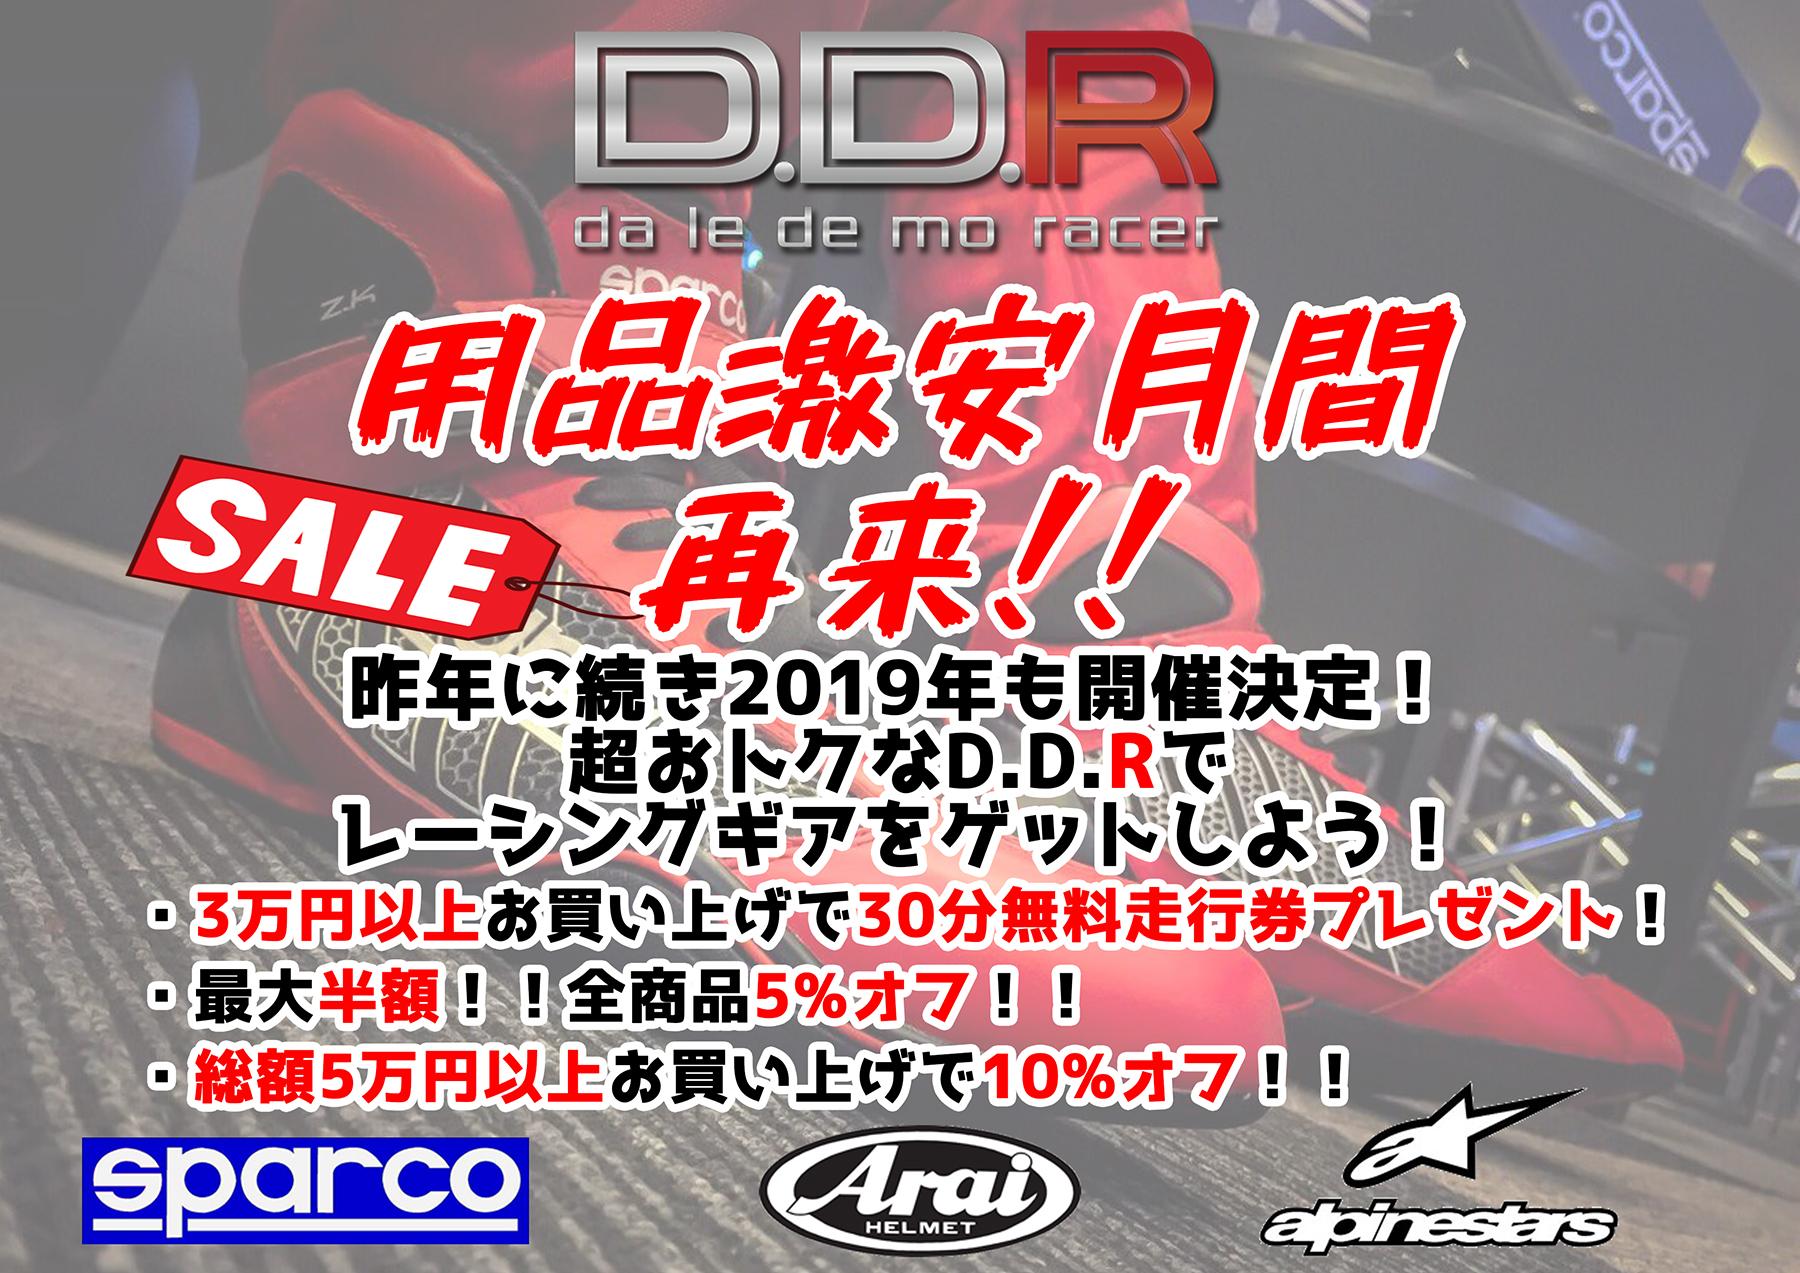 DDR 用品販売セール